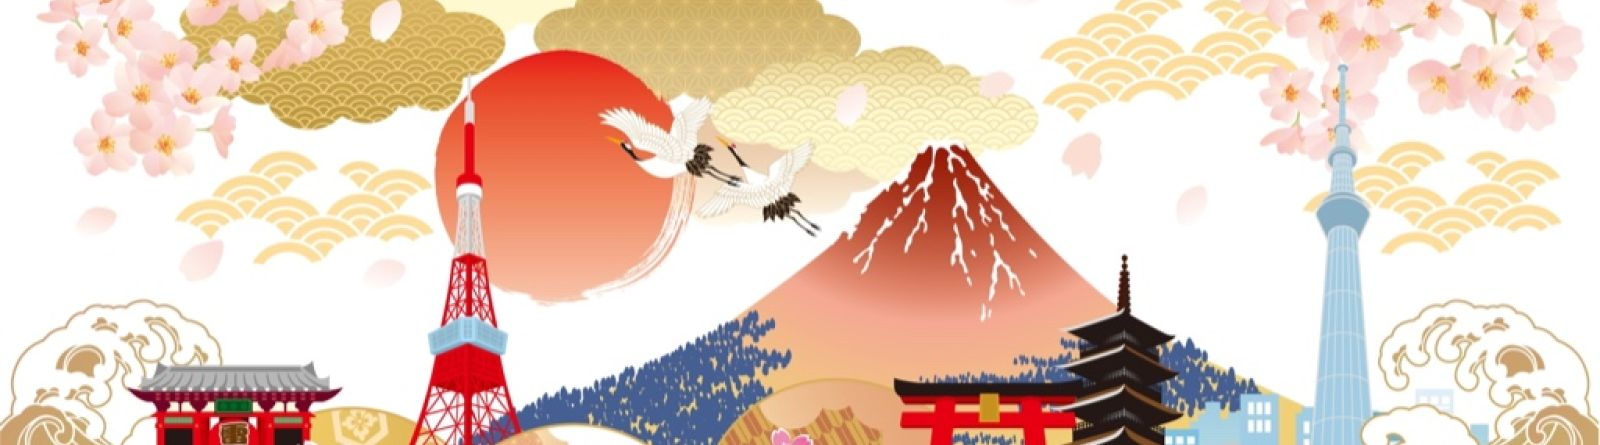 """Inoue (Janus Henderson), """"Le azioni giapponesi trarranno vantaggio dalla normalizzazione dell'economia"""""""